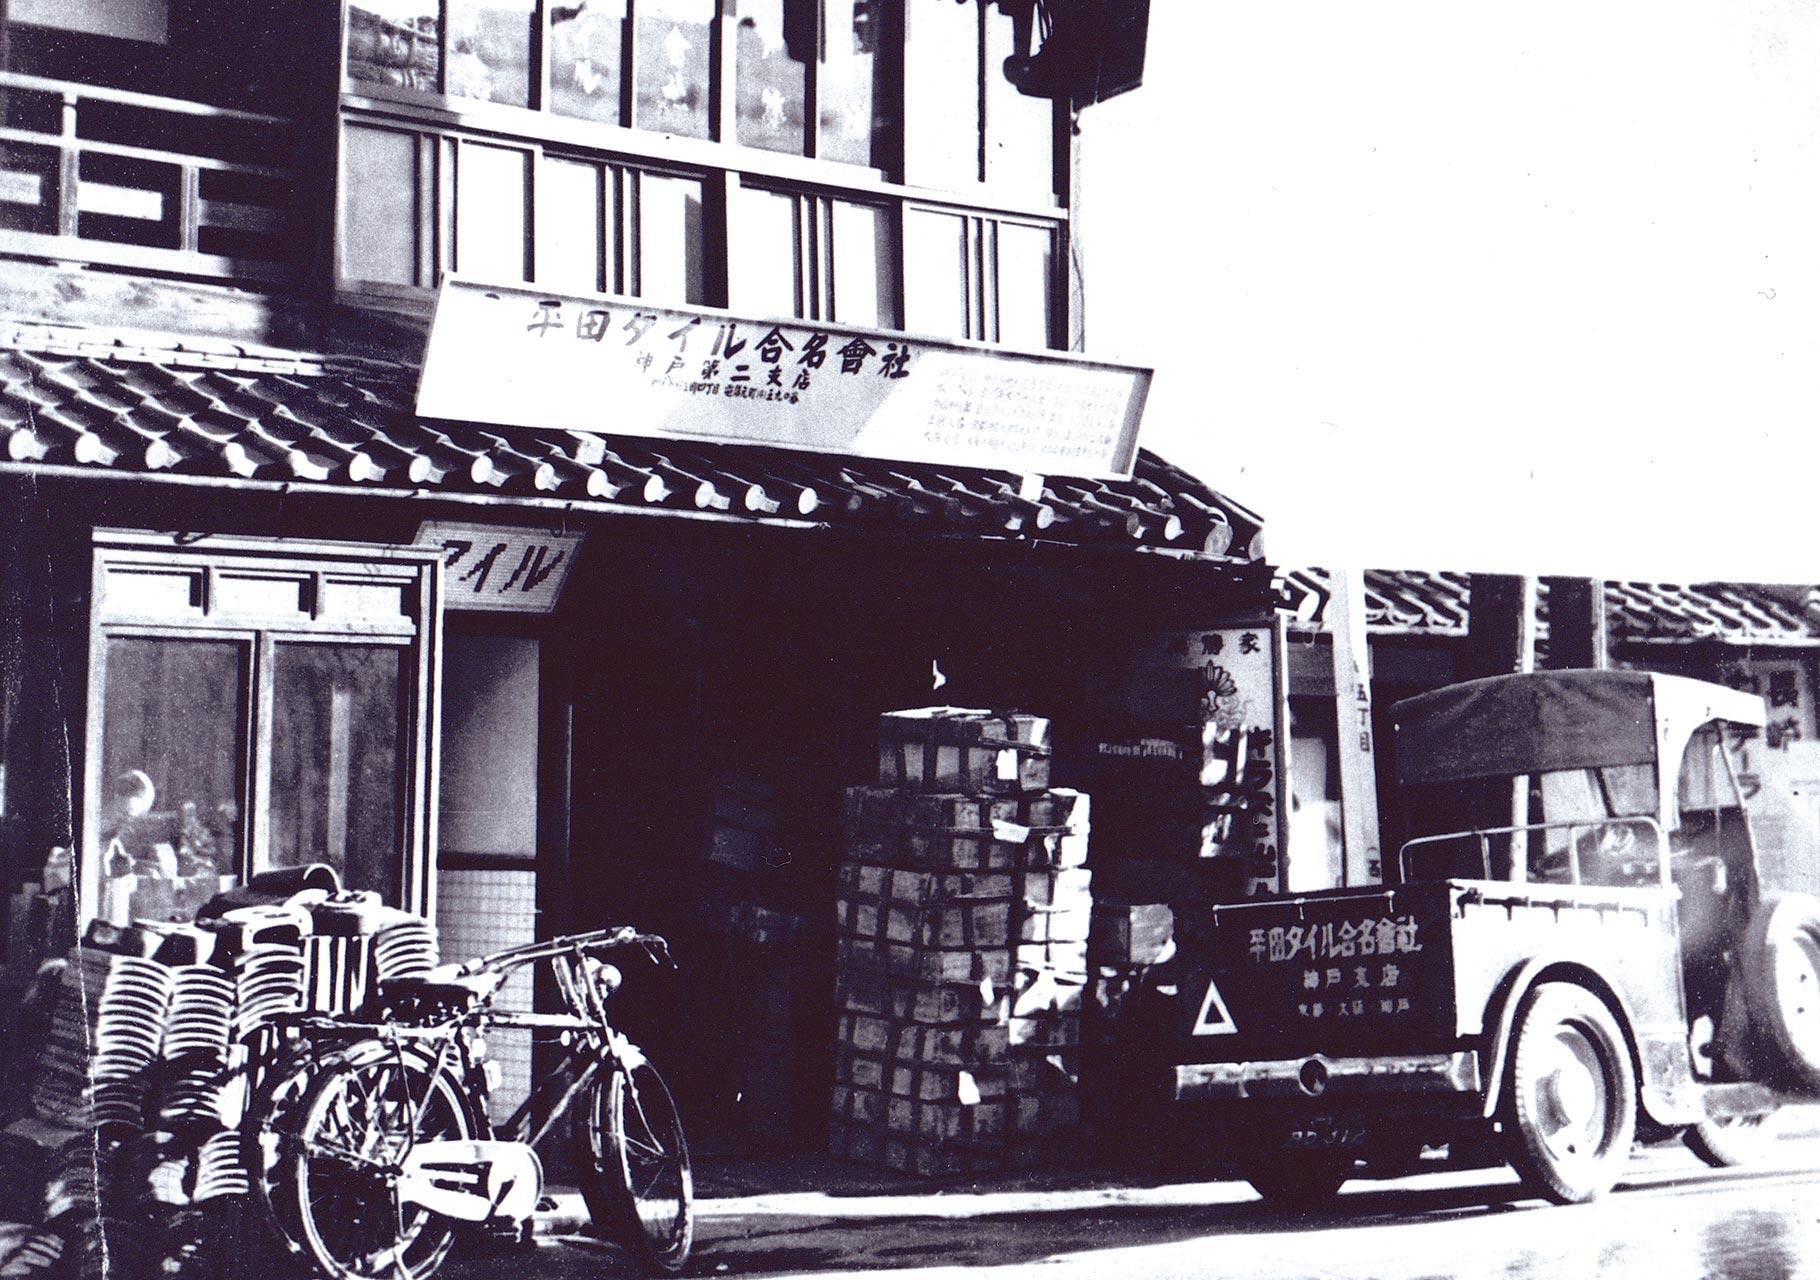 ハイカラな街・神戸に第二支店をオープン